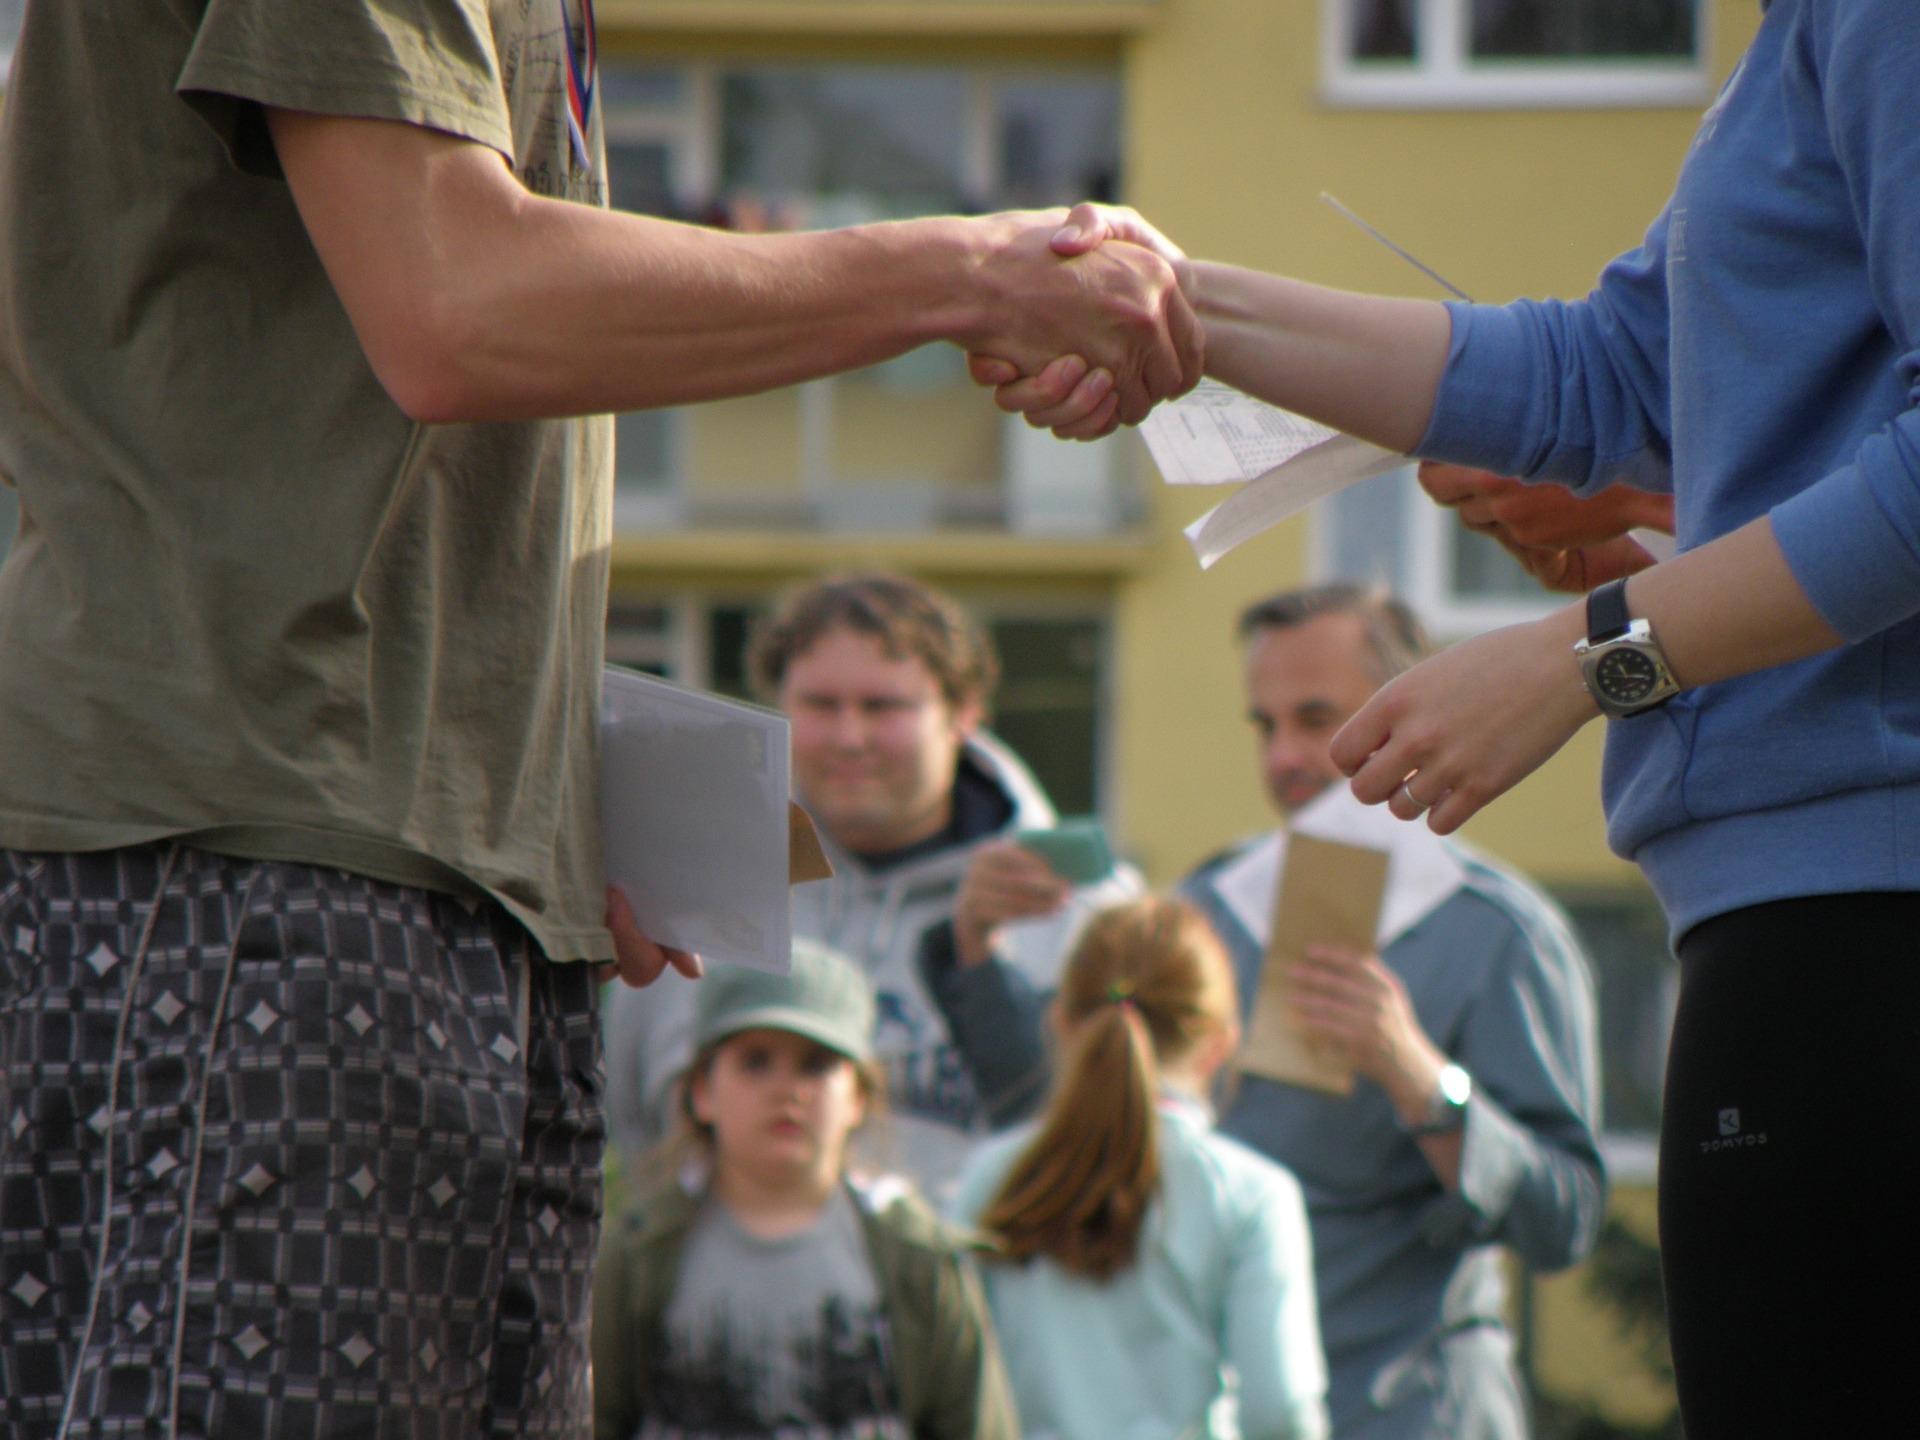 handshakes-930181_1920.jpg